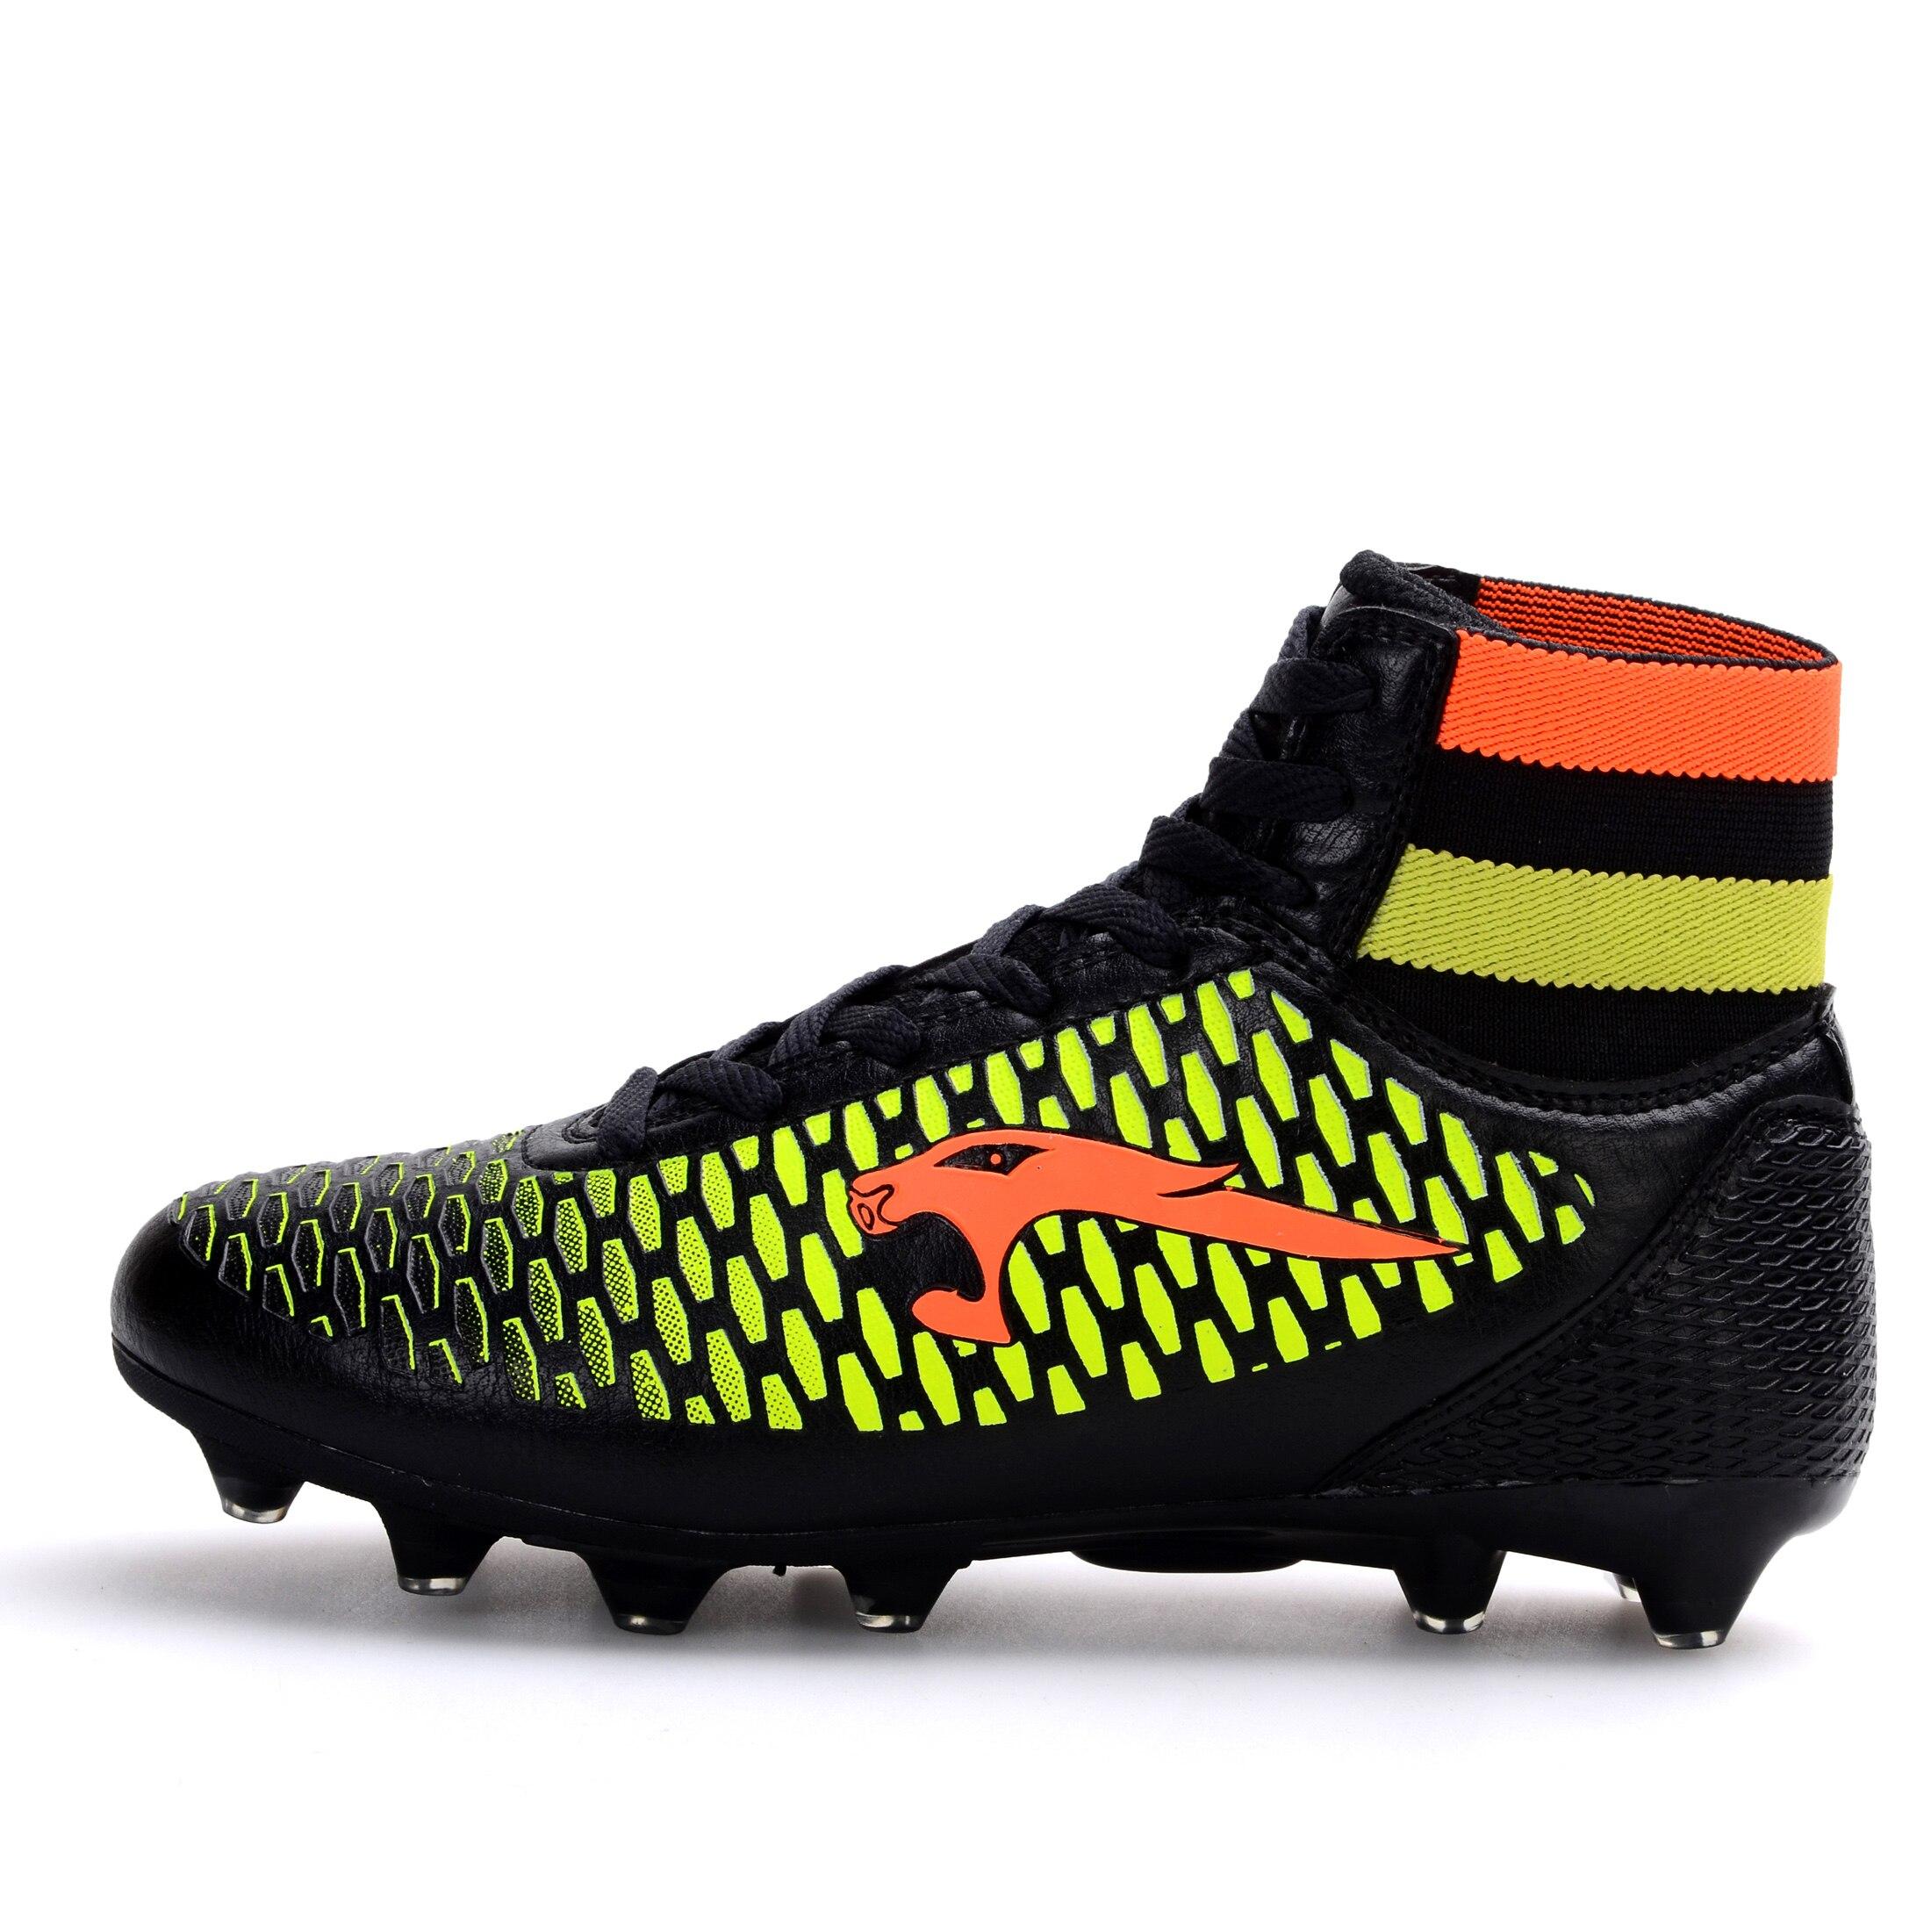 Compre 2 APAGADO EN CUALQUIER CASO botines de futbol para nios Y ... 04d465019b4c8